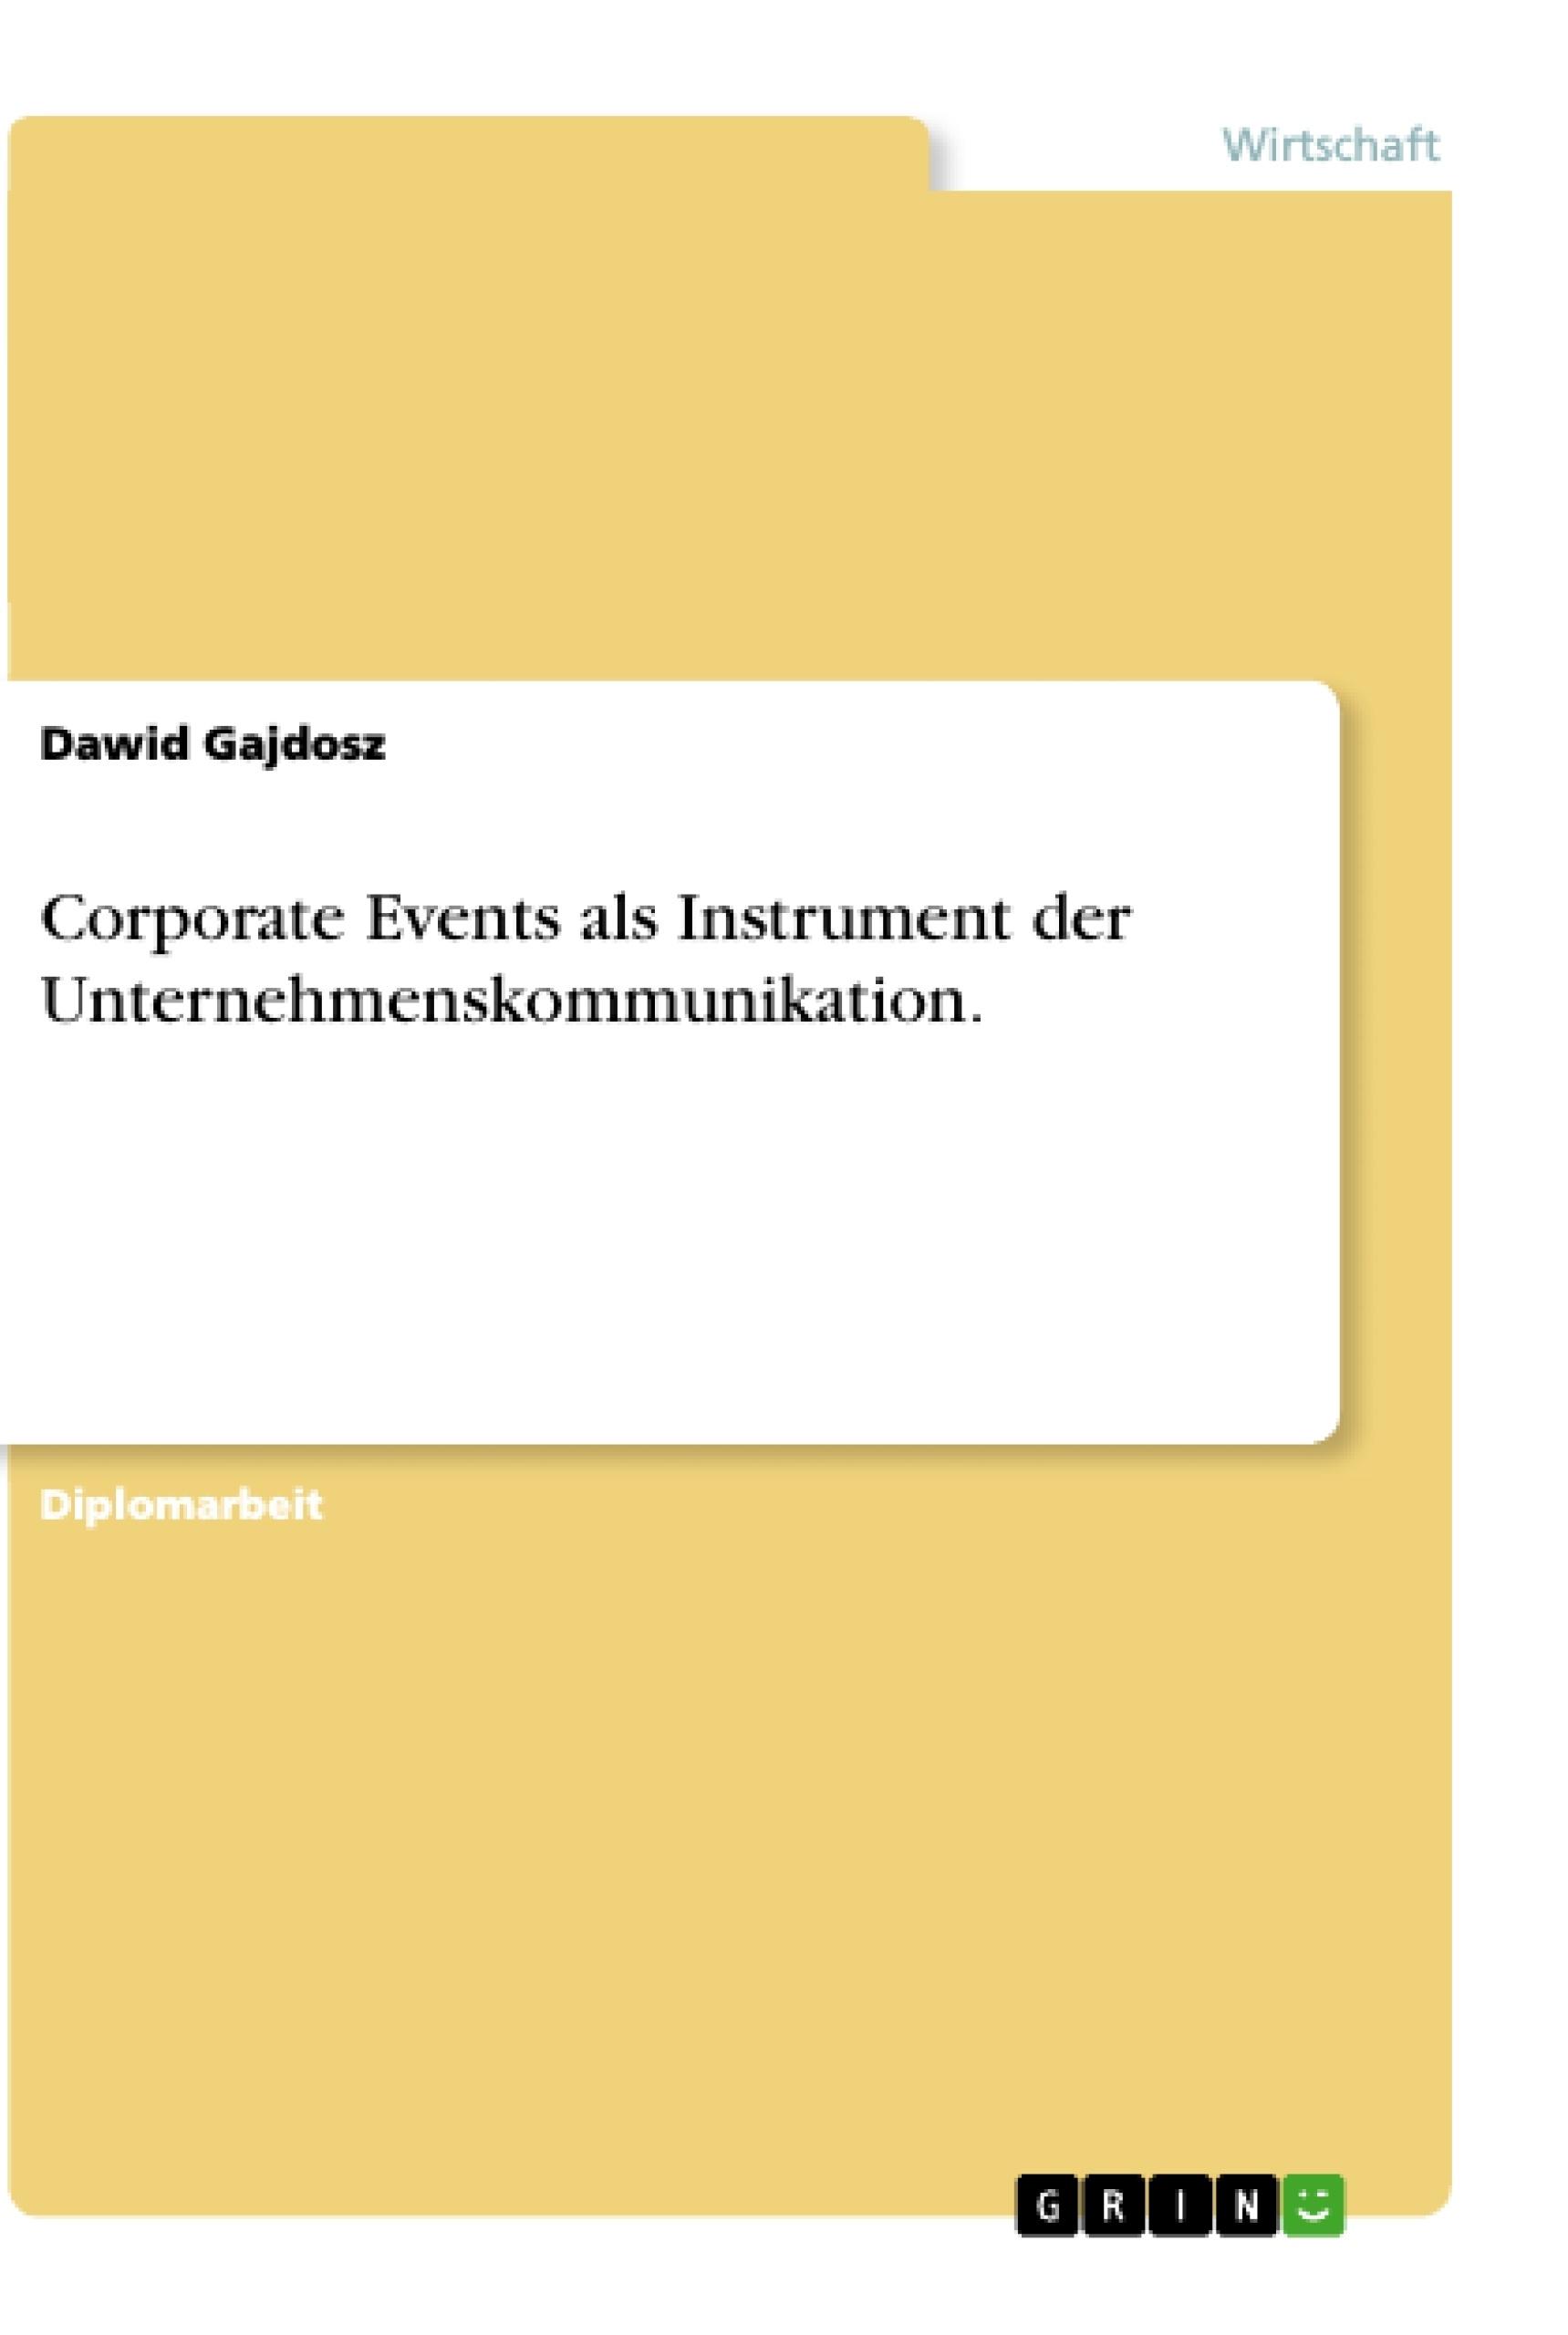 Titel: Corporate Events als Instrument der Unternehmenskommunikation.